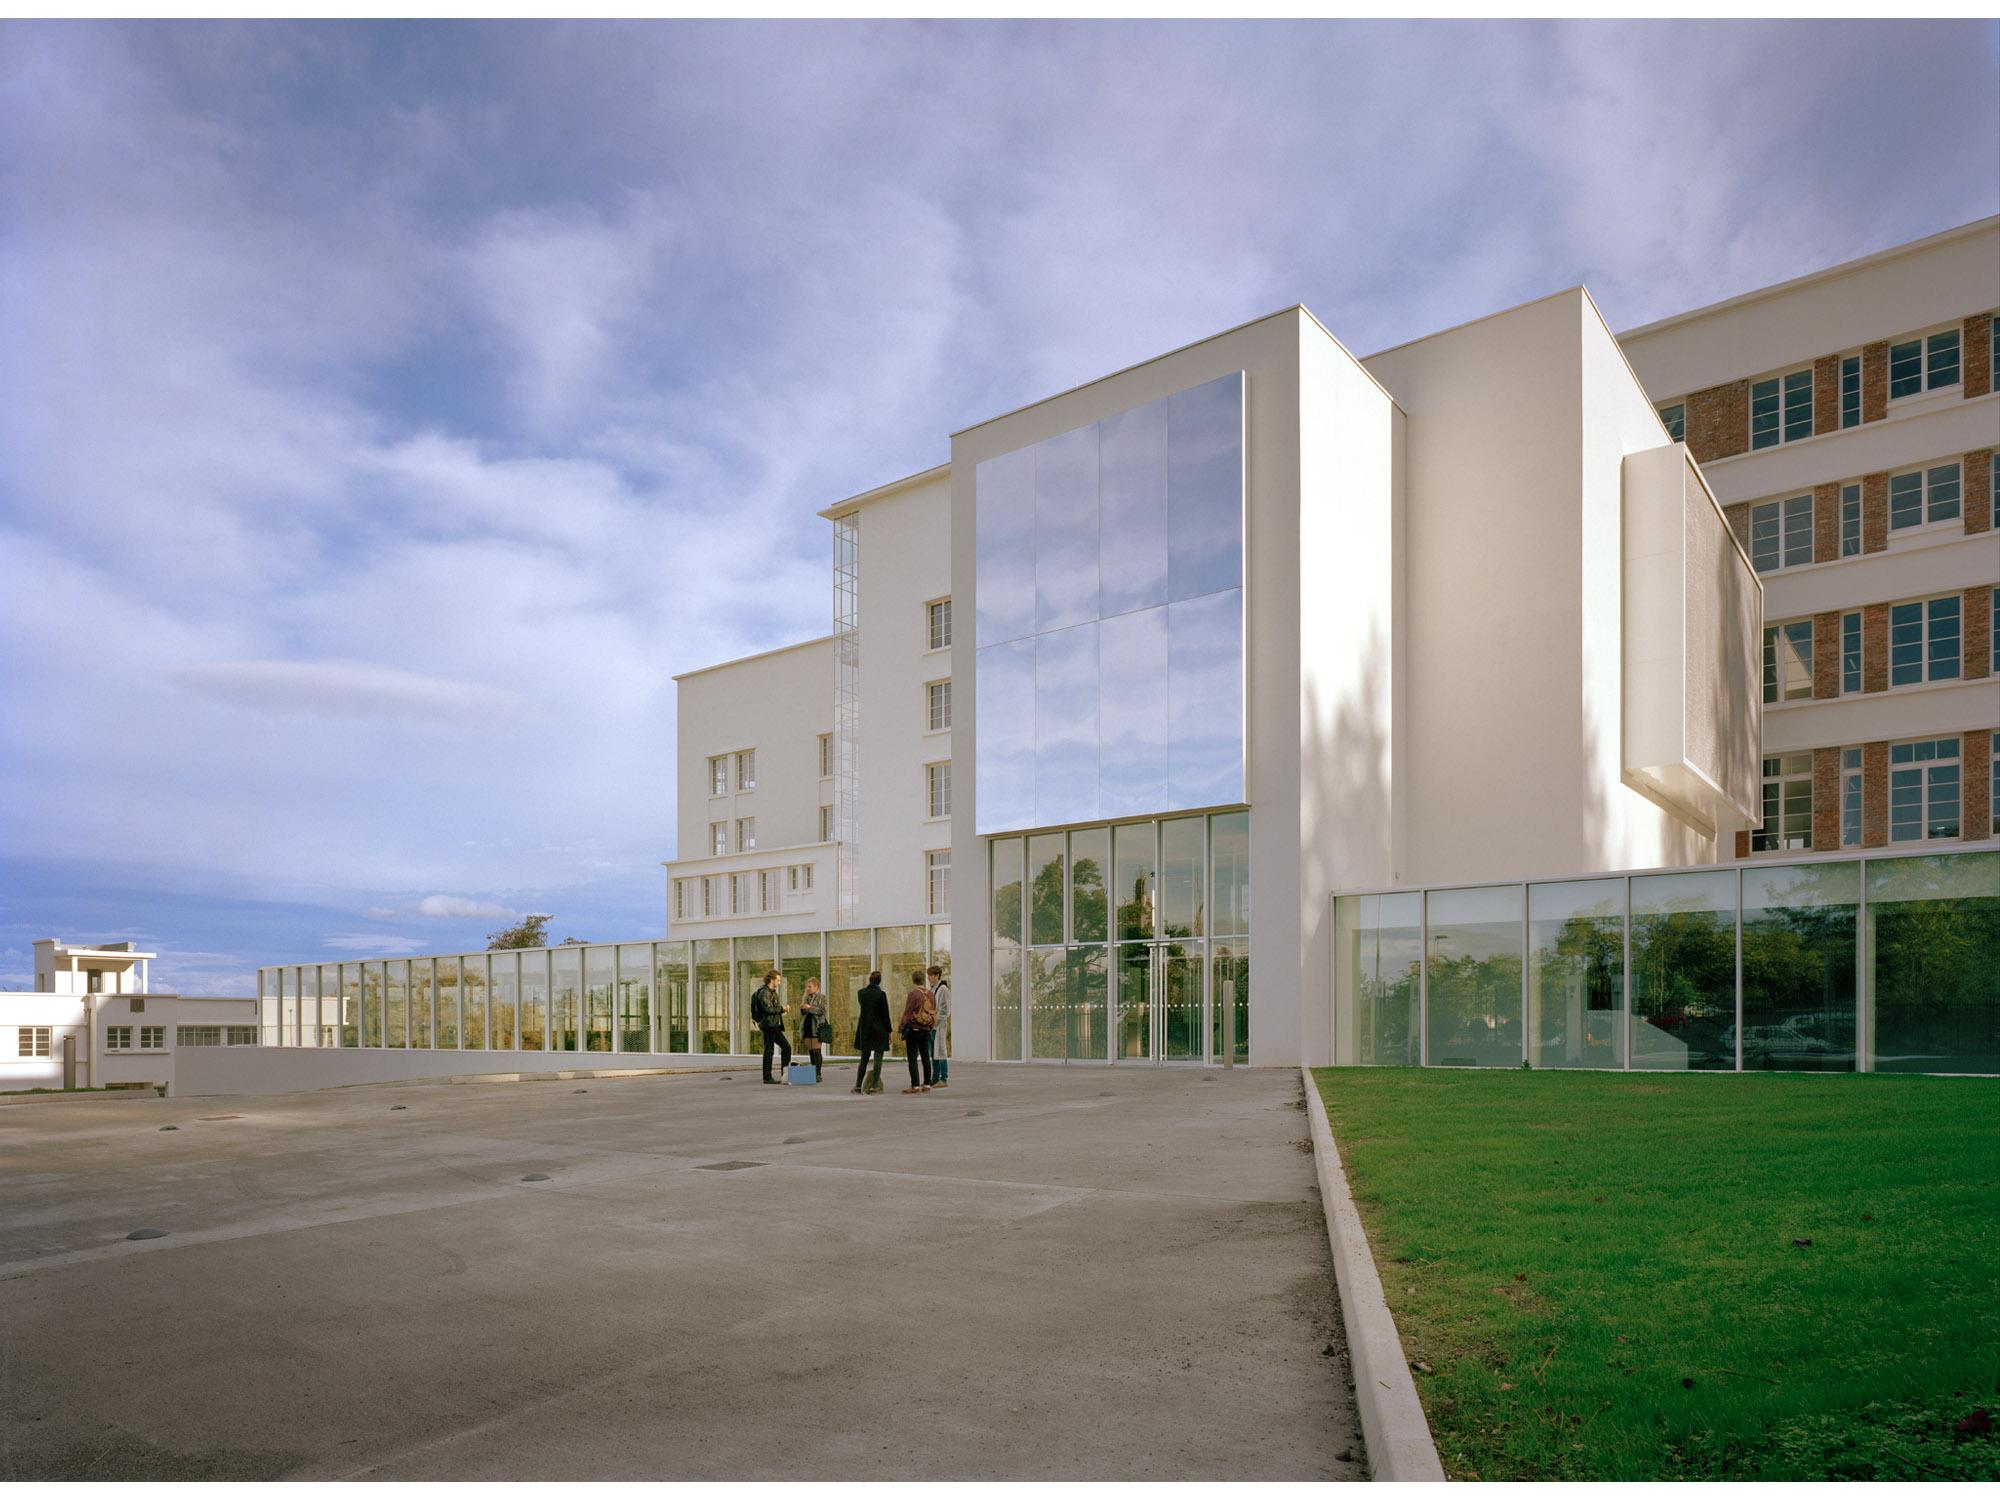 Ecole d 39 architecture de clermont ferrand dominique lyon for Ecole architecture interieur lyon